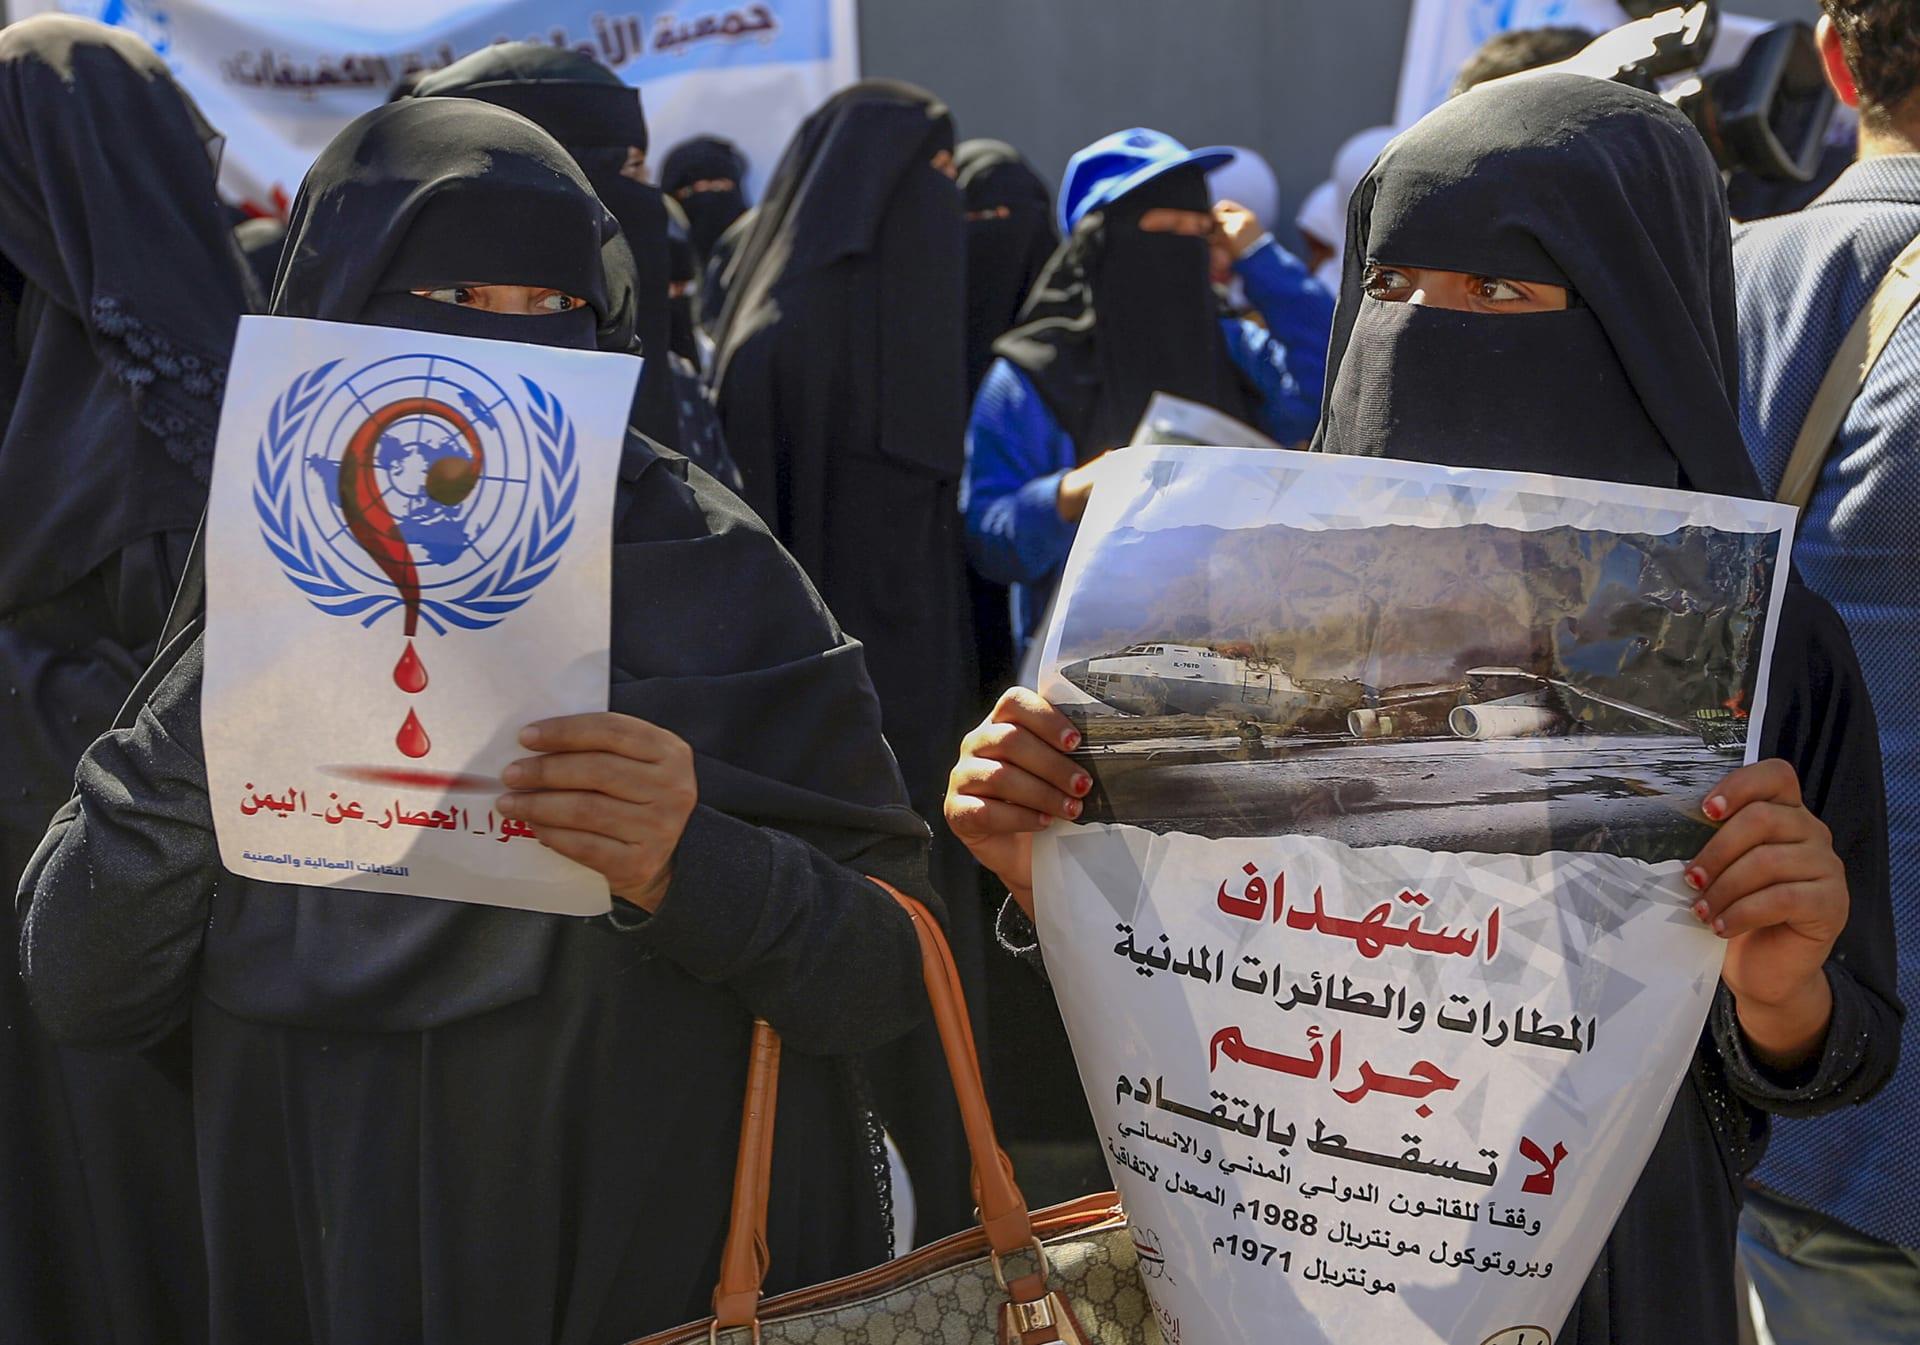 4 سنوات على حرب اليمن.. أبرز ردود الأفعال